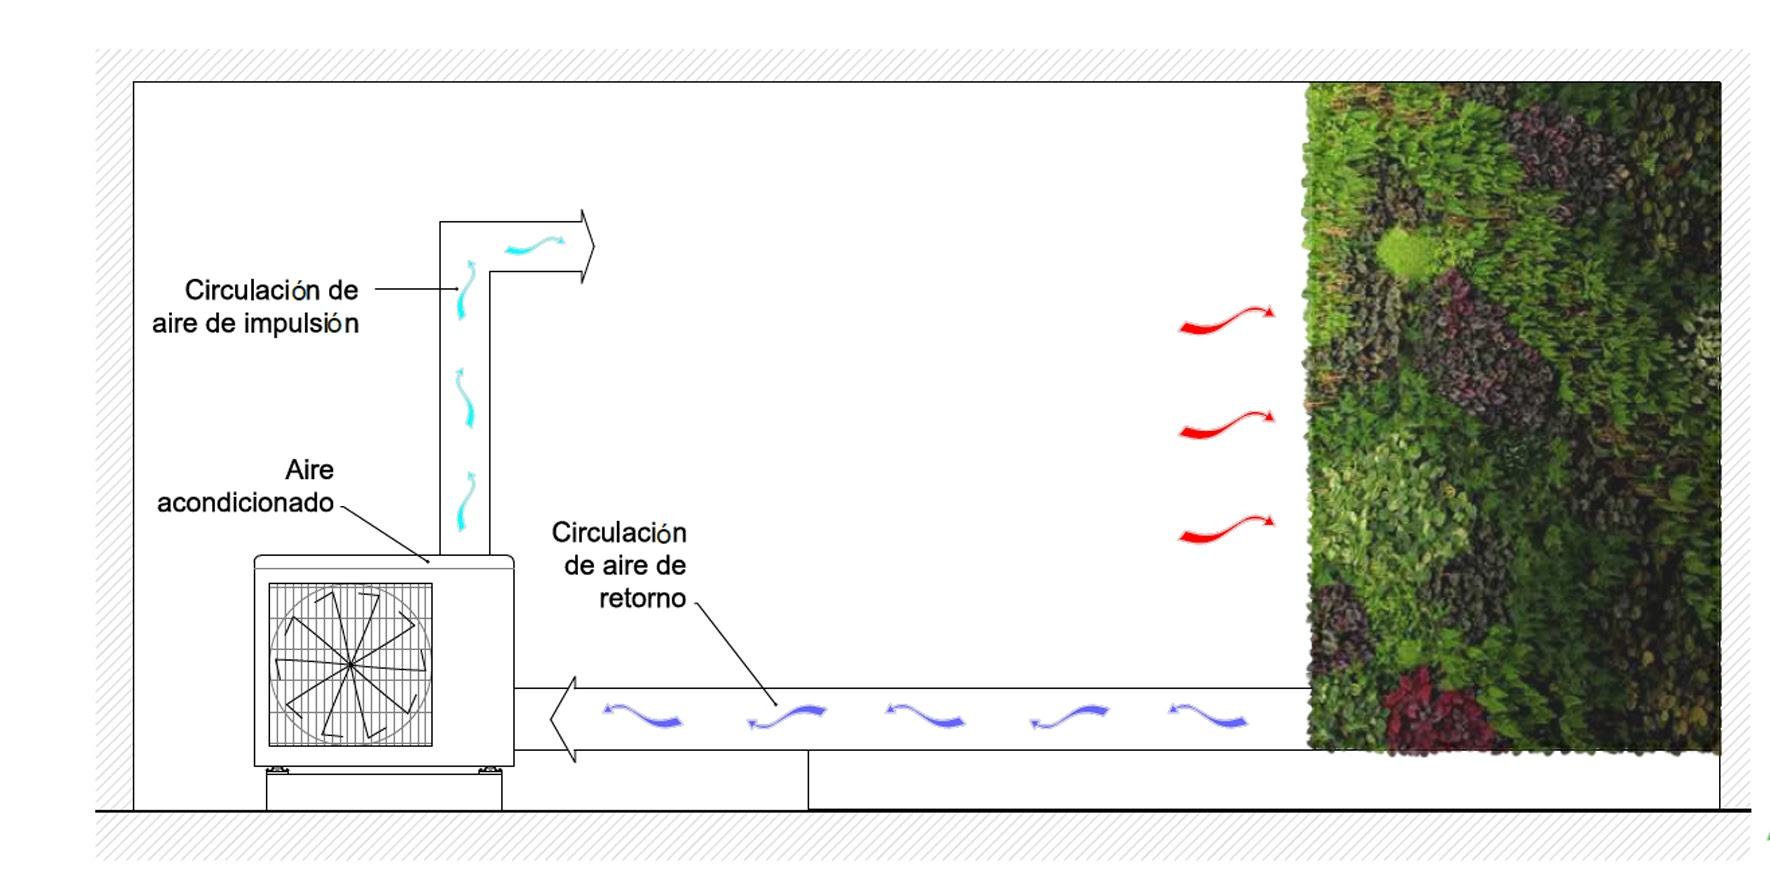 Esquema de circulación del aire